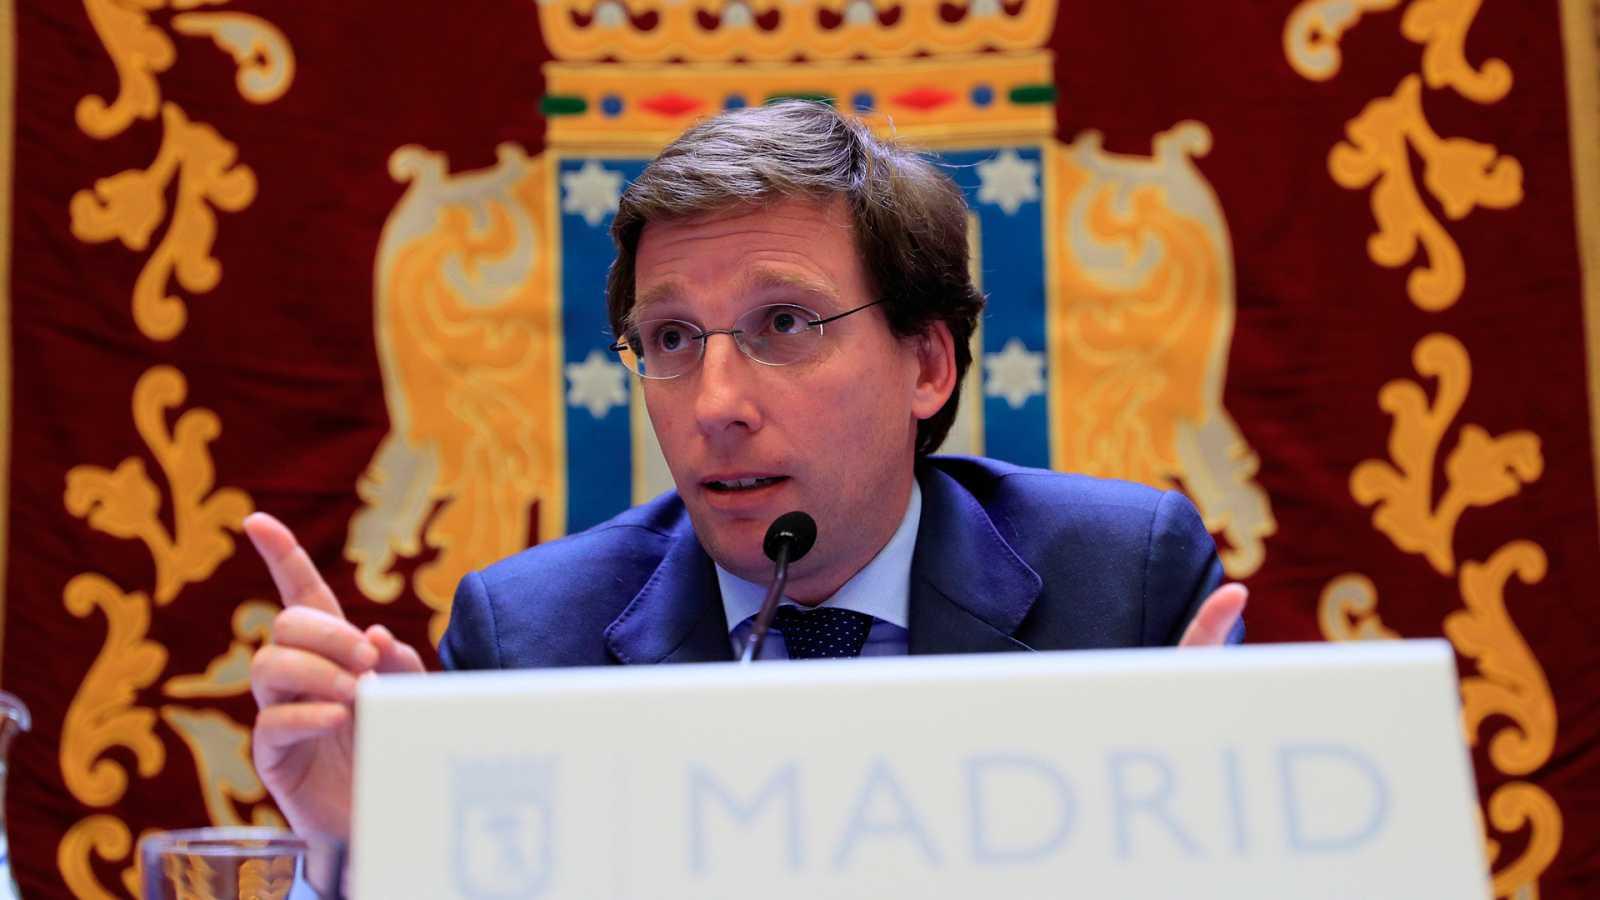 Madrid pasará inspección a las obras en inmuebles para controlar si cumplen los protocolos por coronavirus